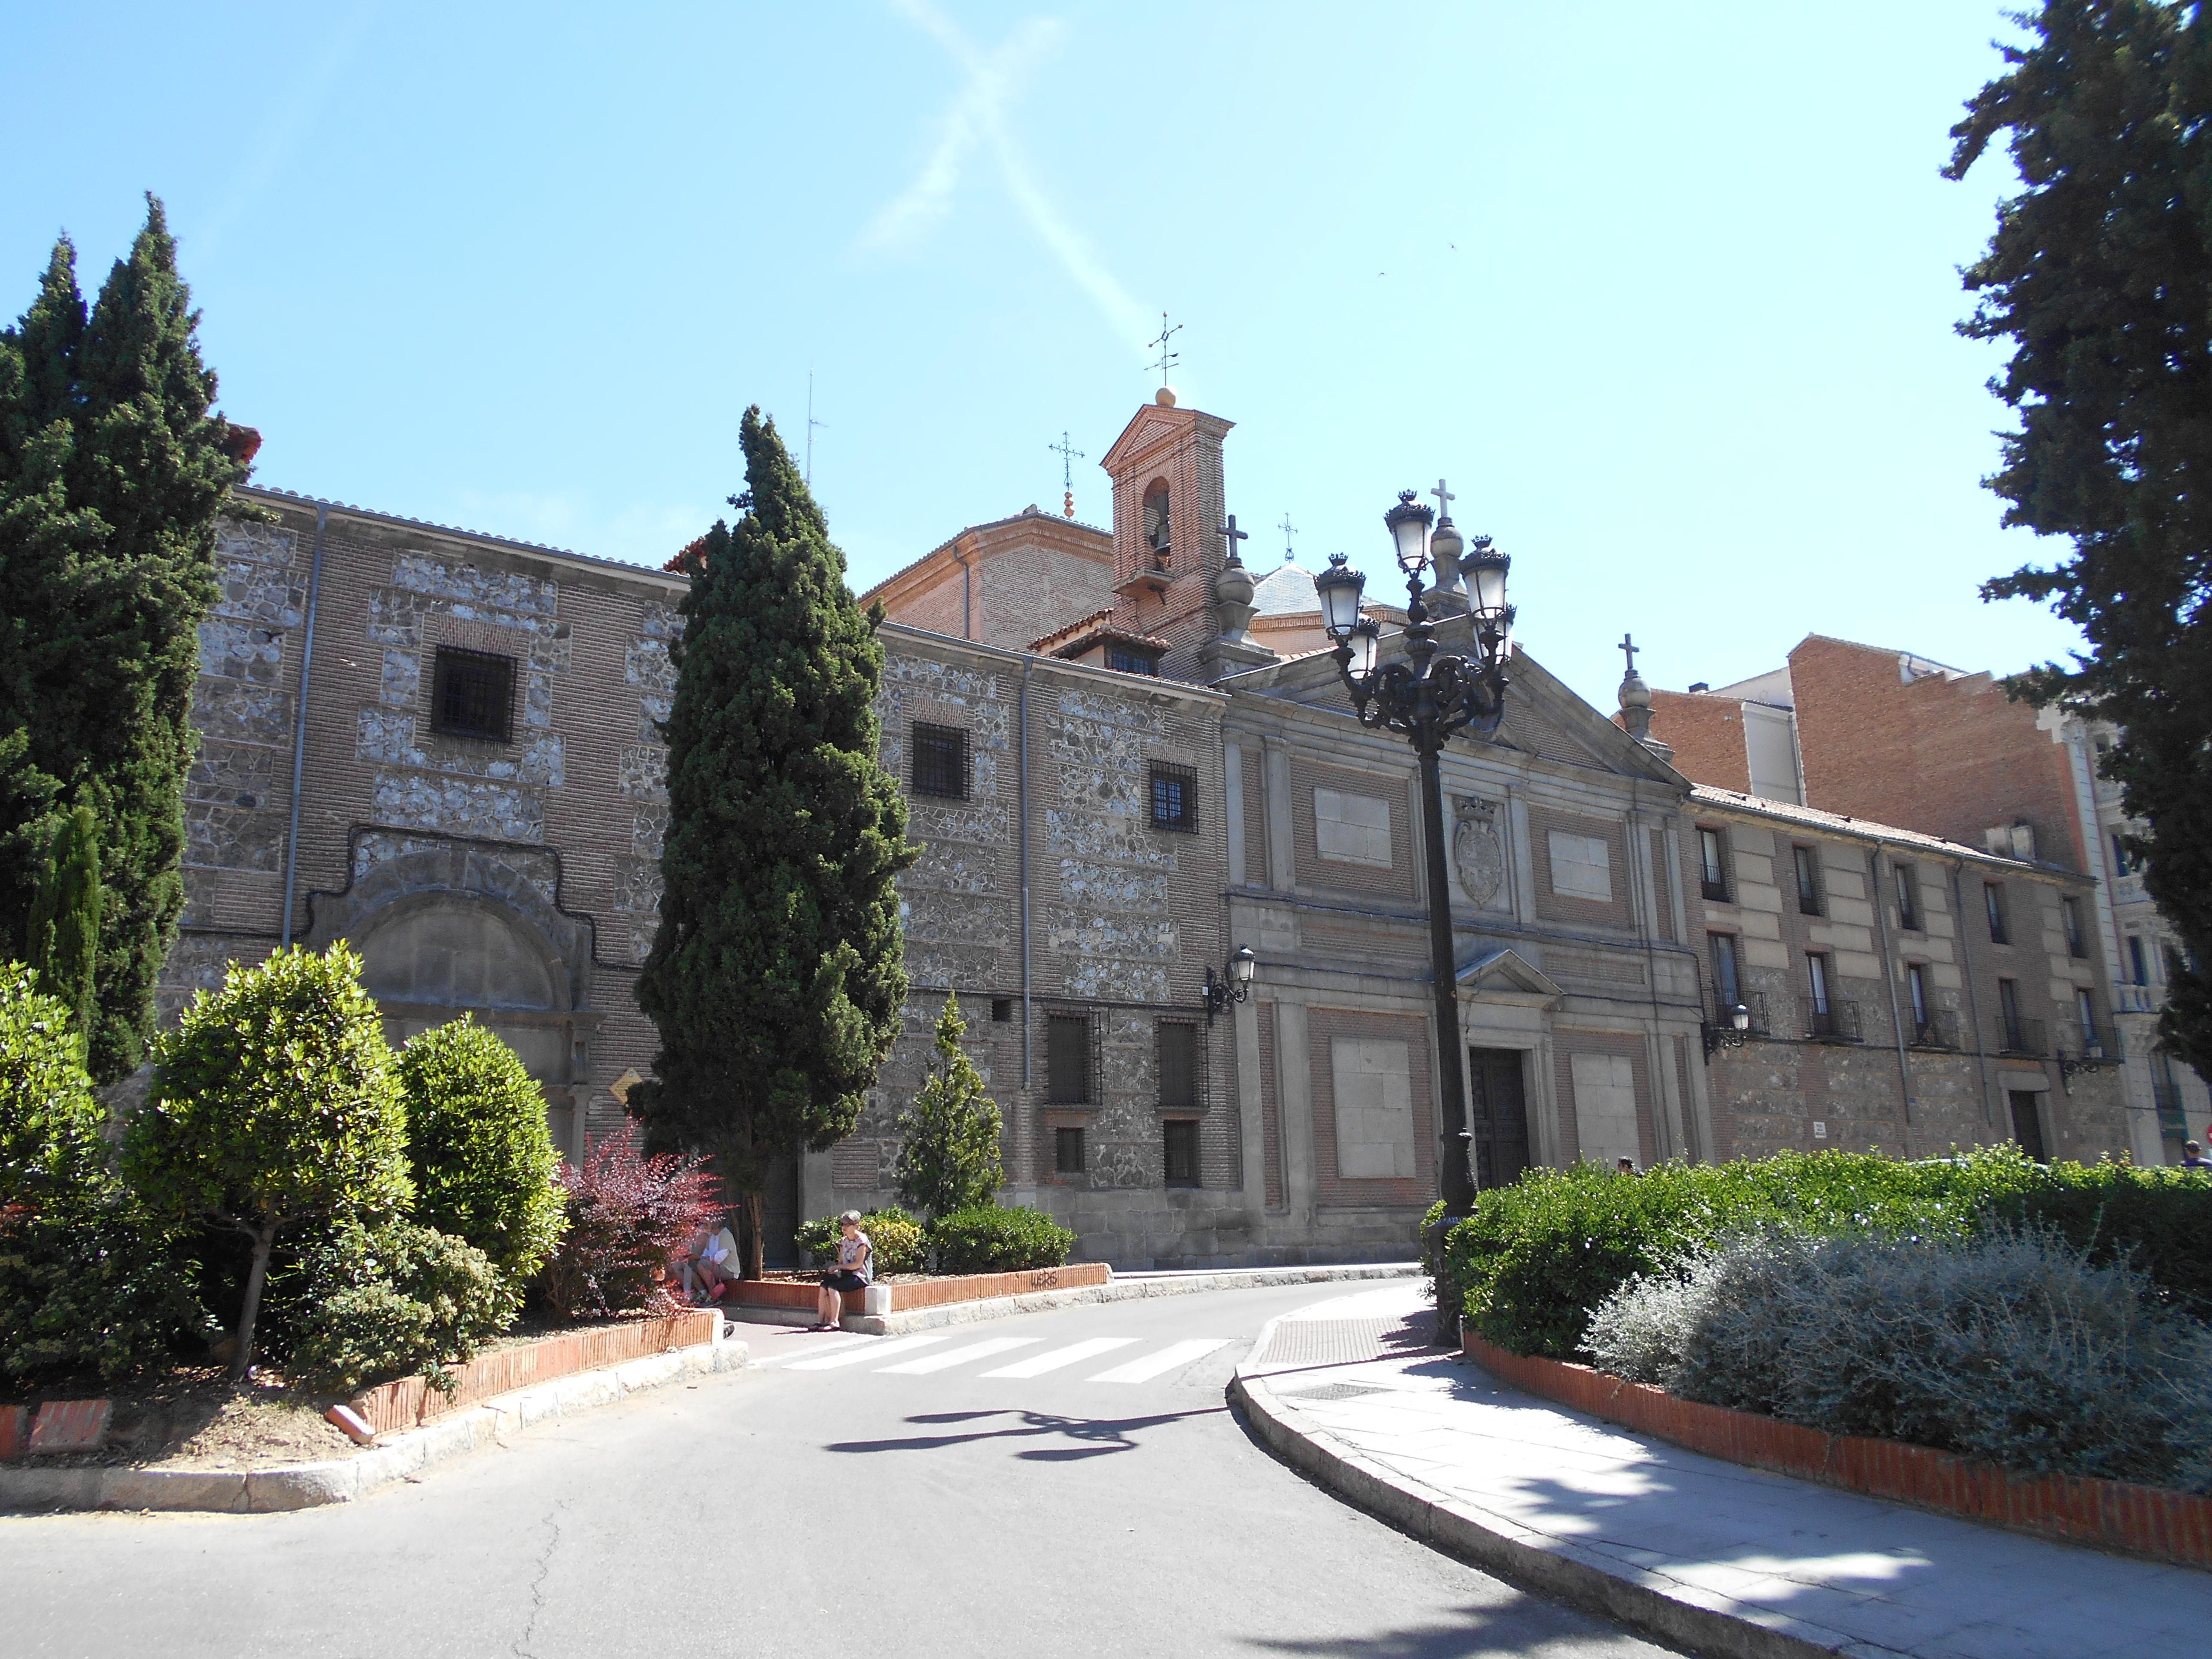 Monastero de las Descalzas